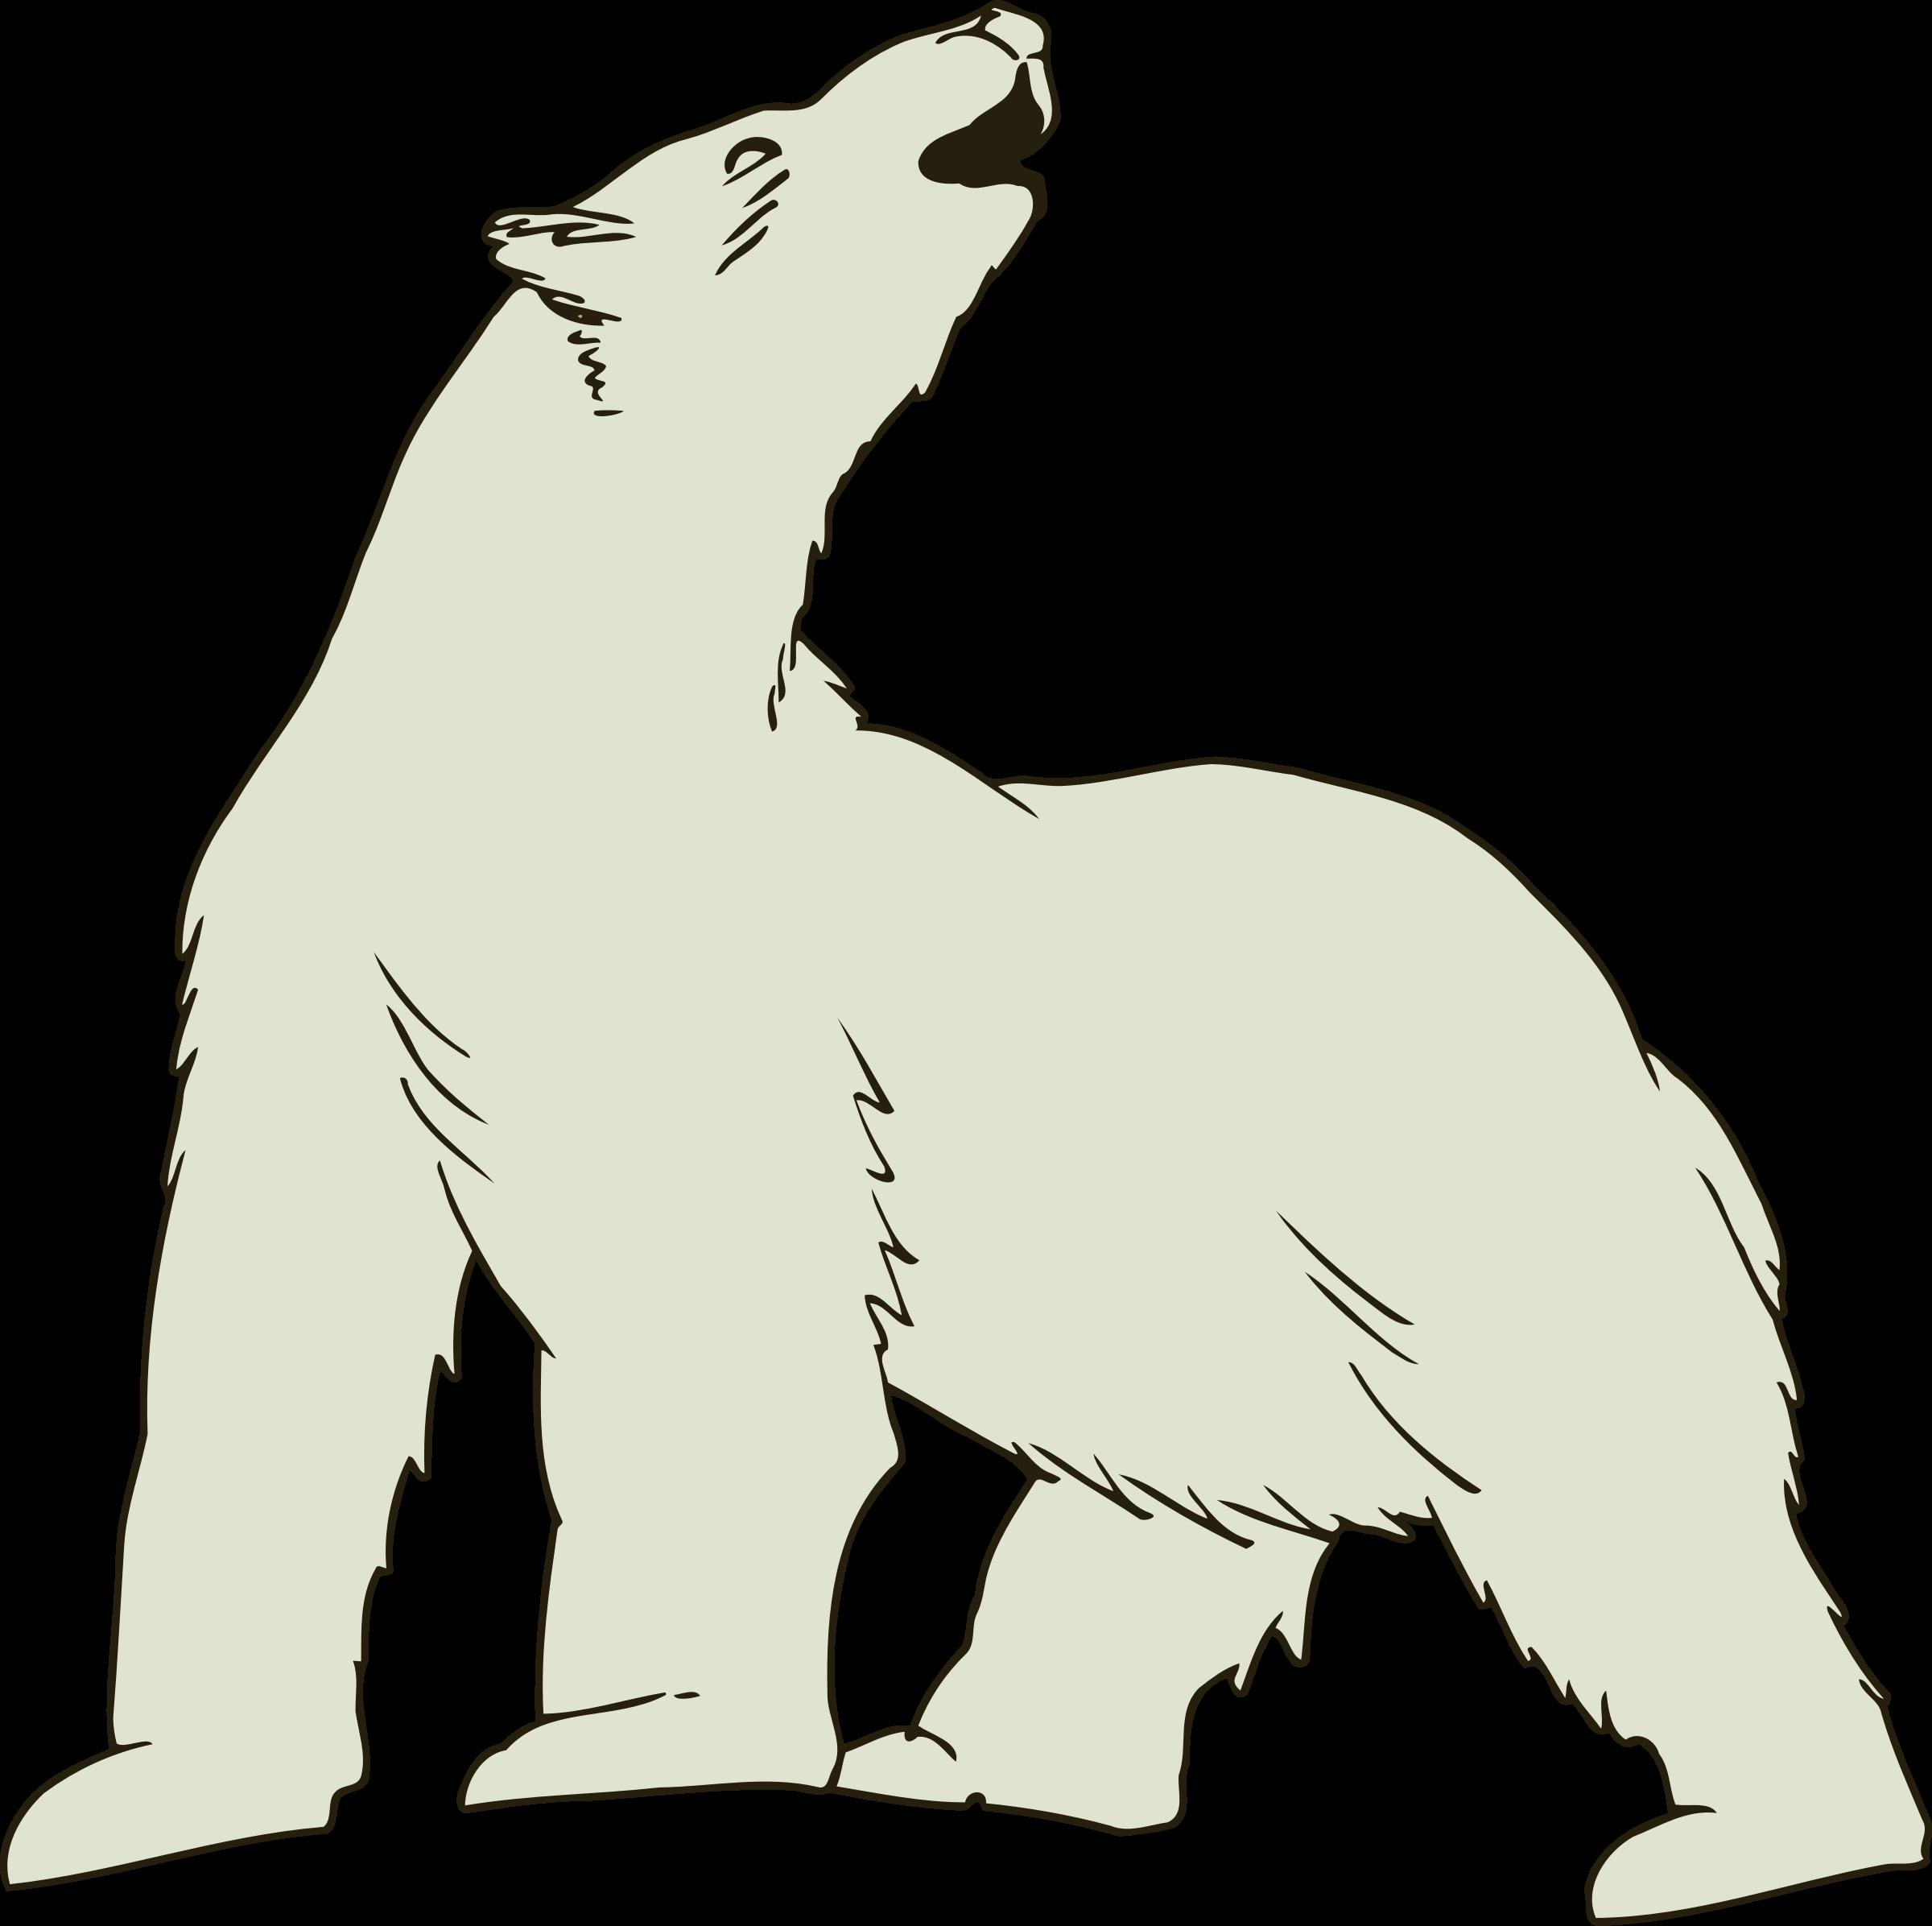 Holiday clipart polar bear. Big image png